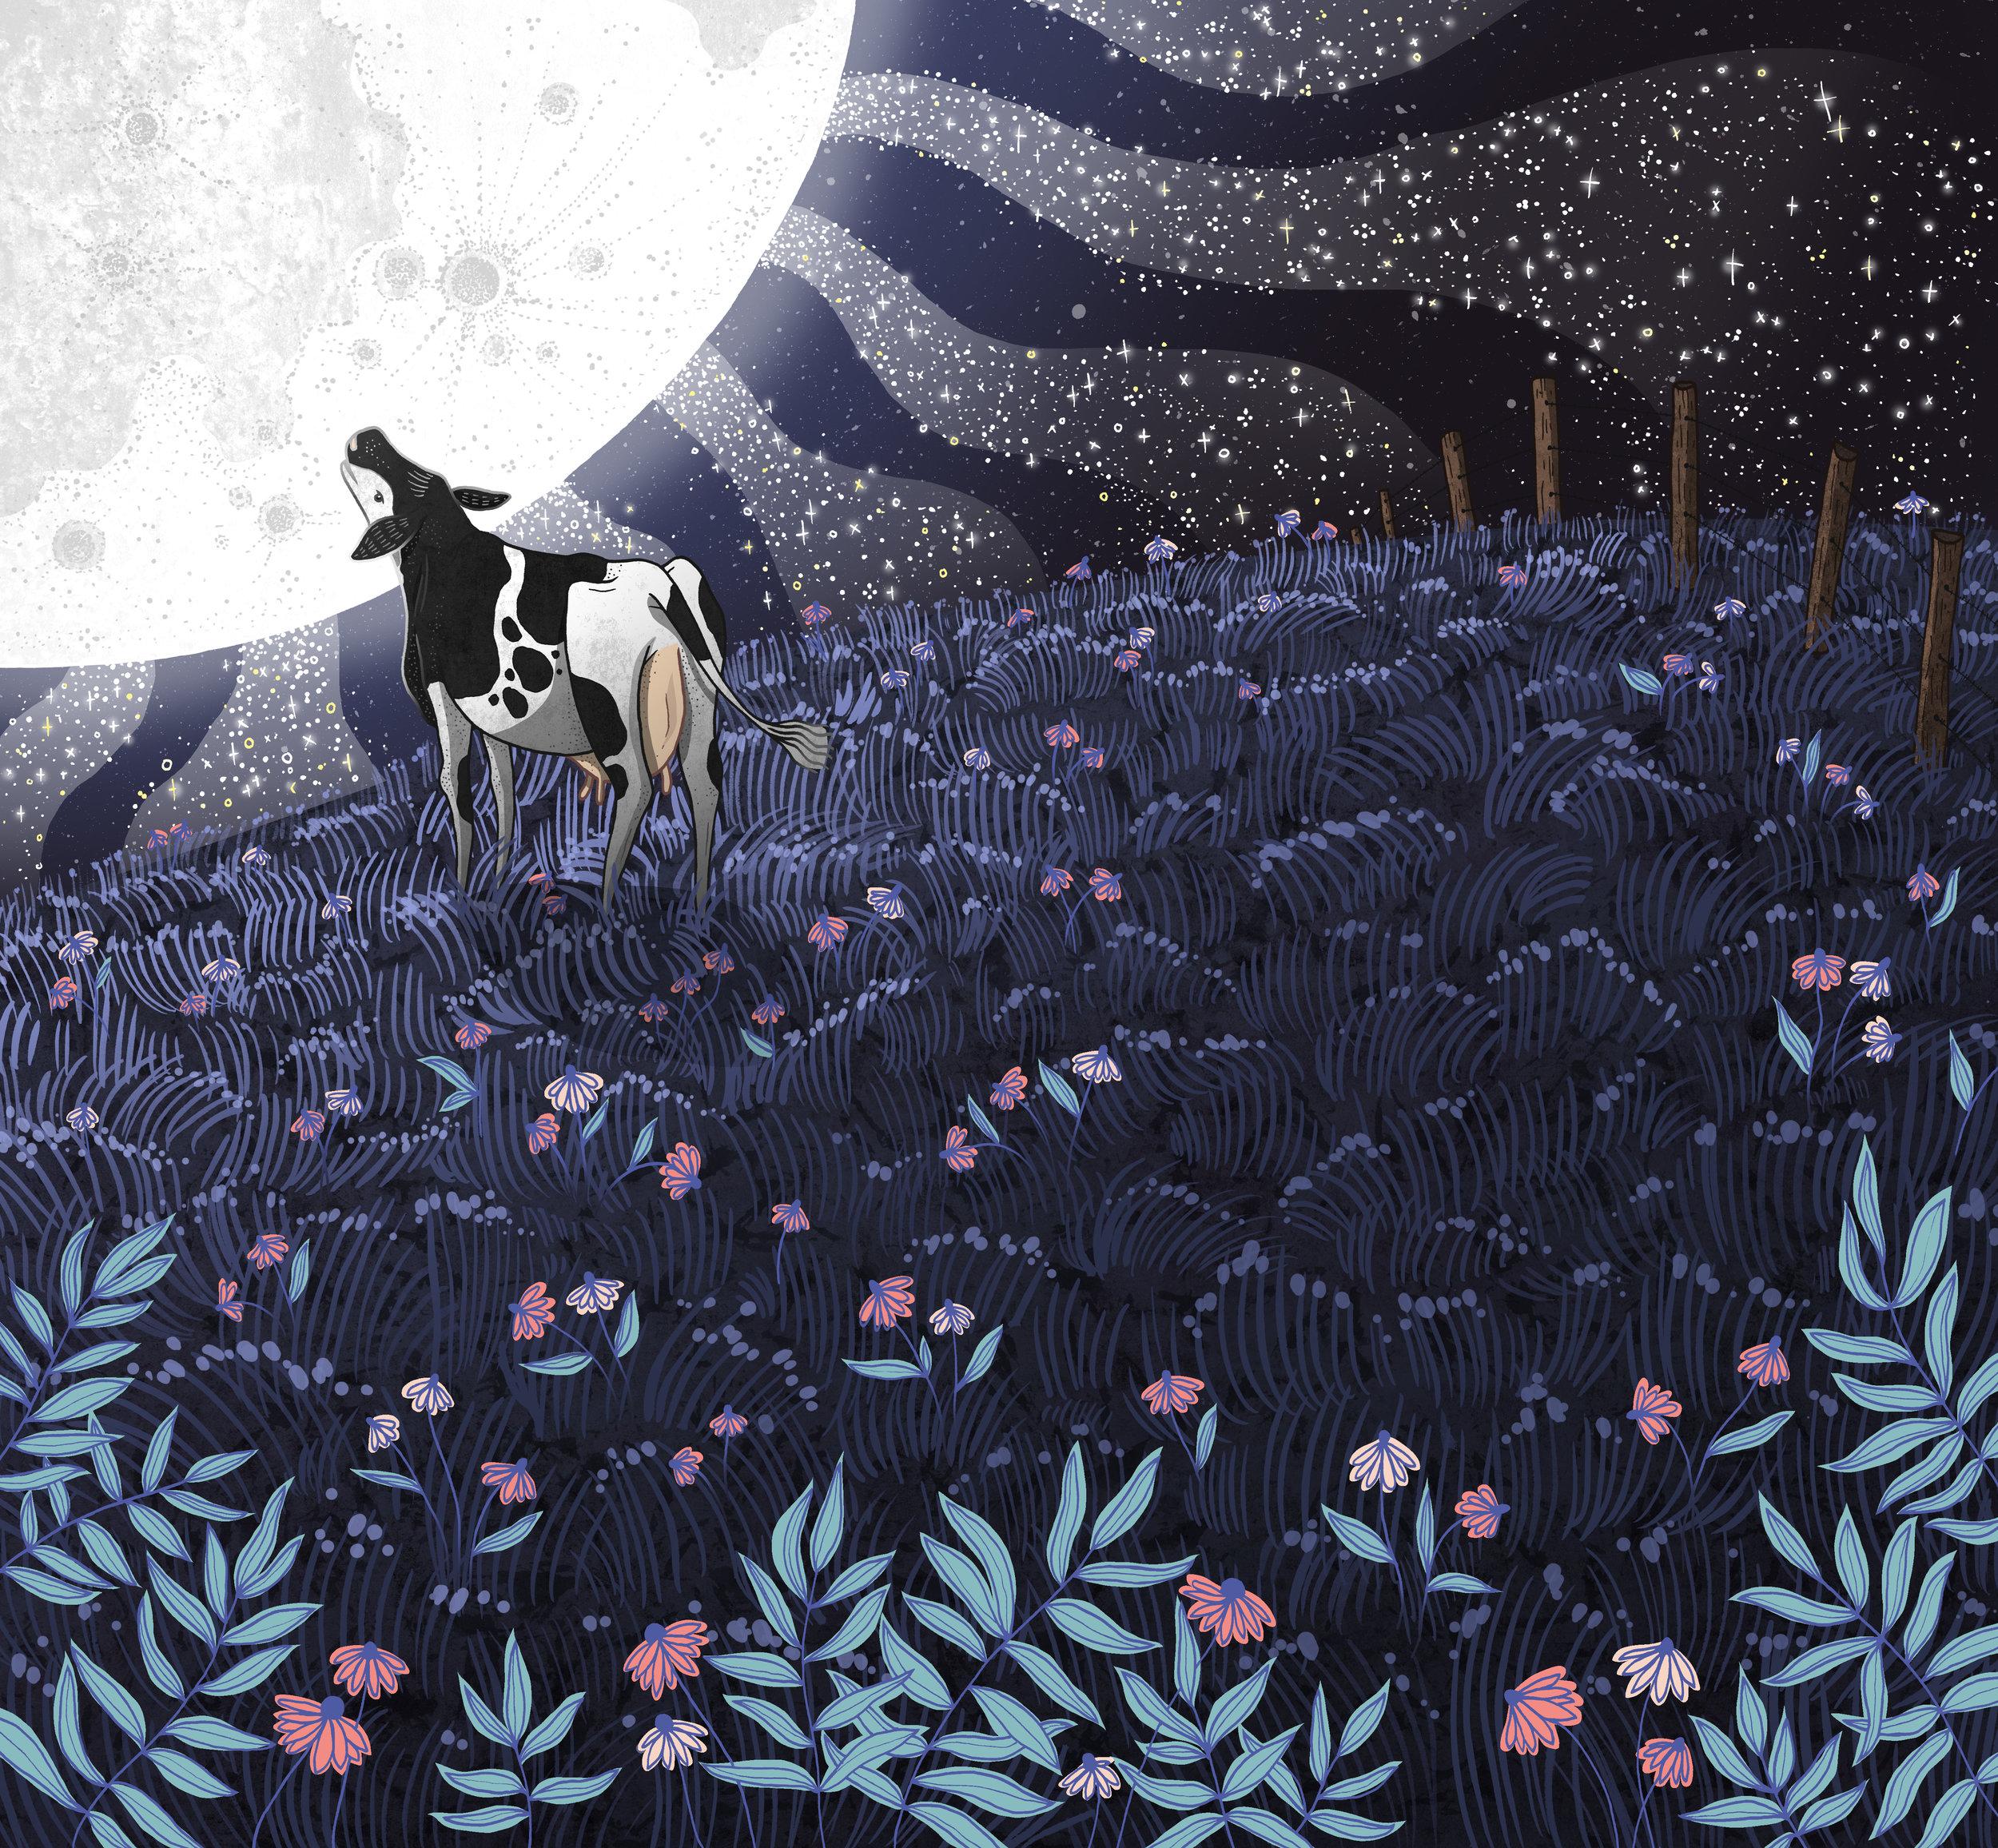 7 -Milky Way Moon Beams (Cow Dreams Poem).jpg